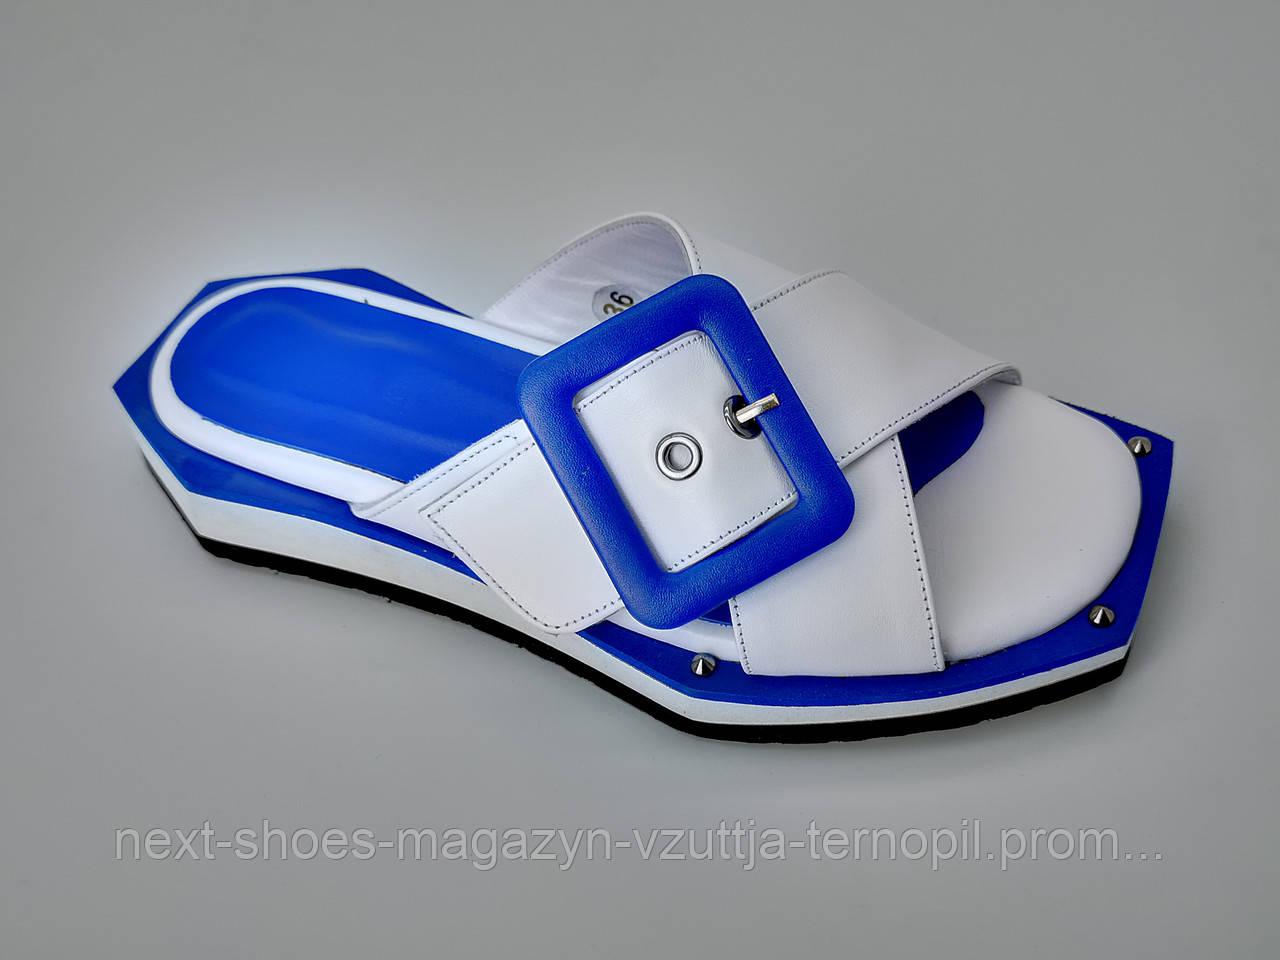 Шлепанцы женские синие  Турция летние арт 1007-26 модель 4983